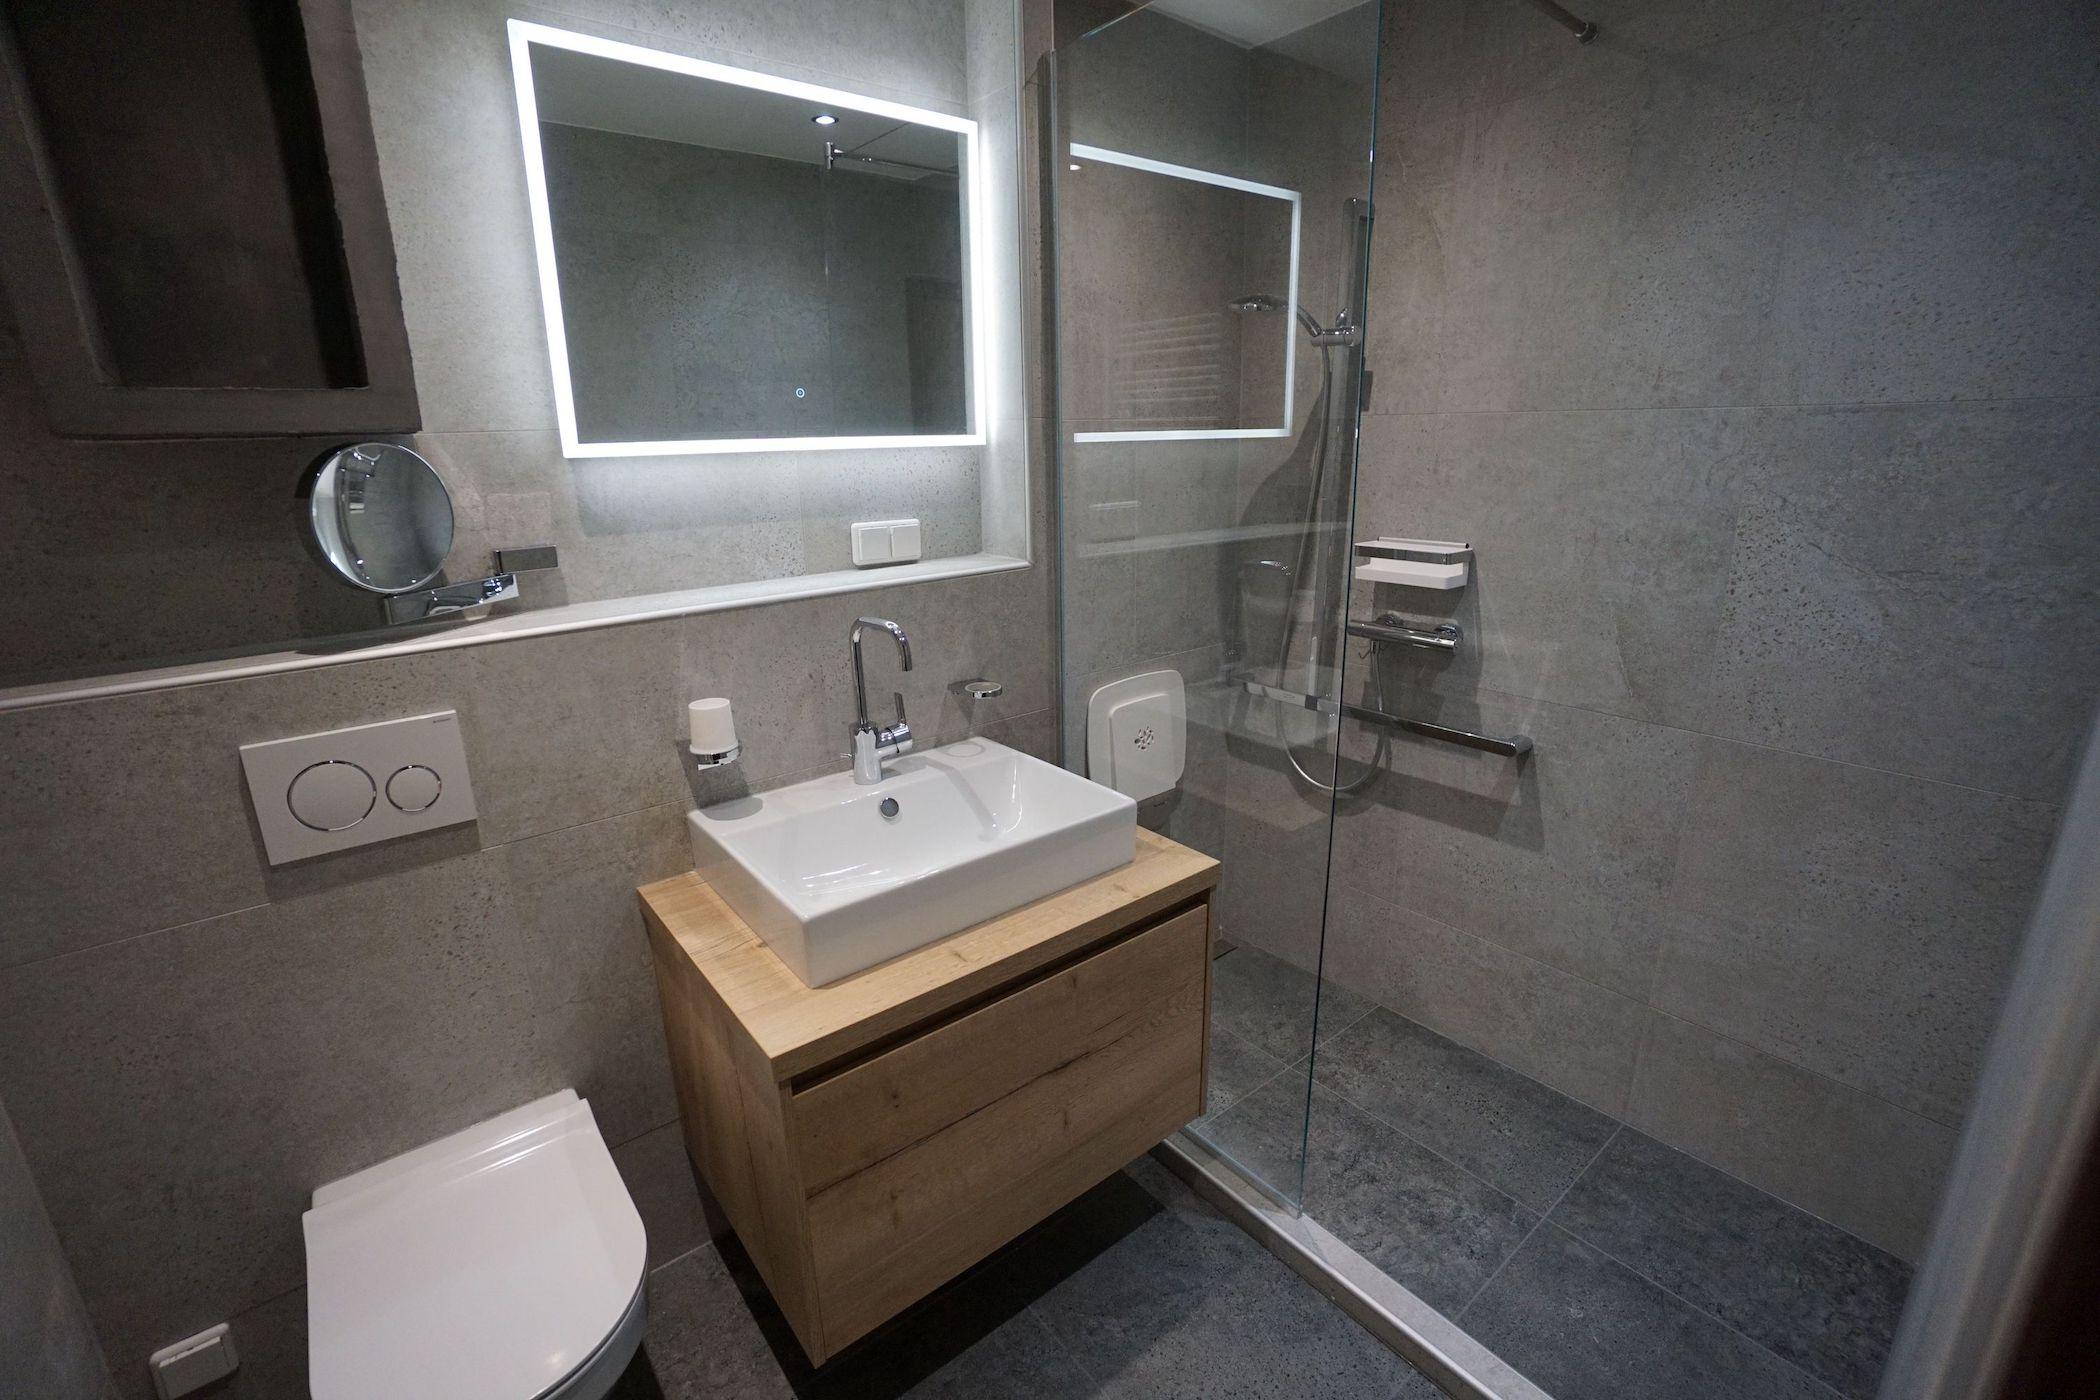 Badezimmer_Sanierung_Fliesen